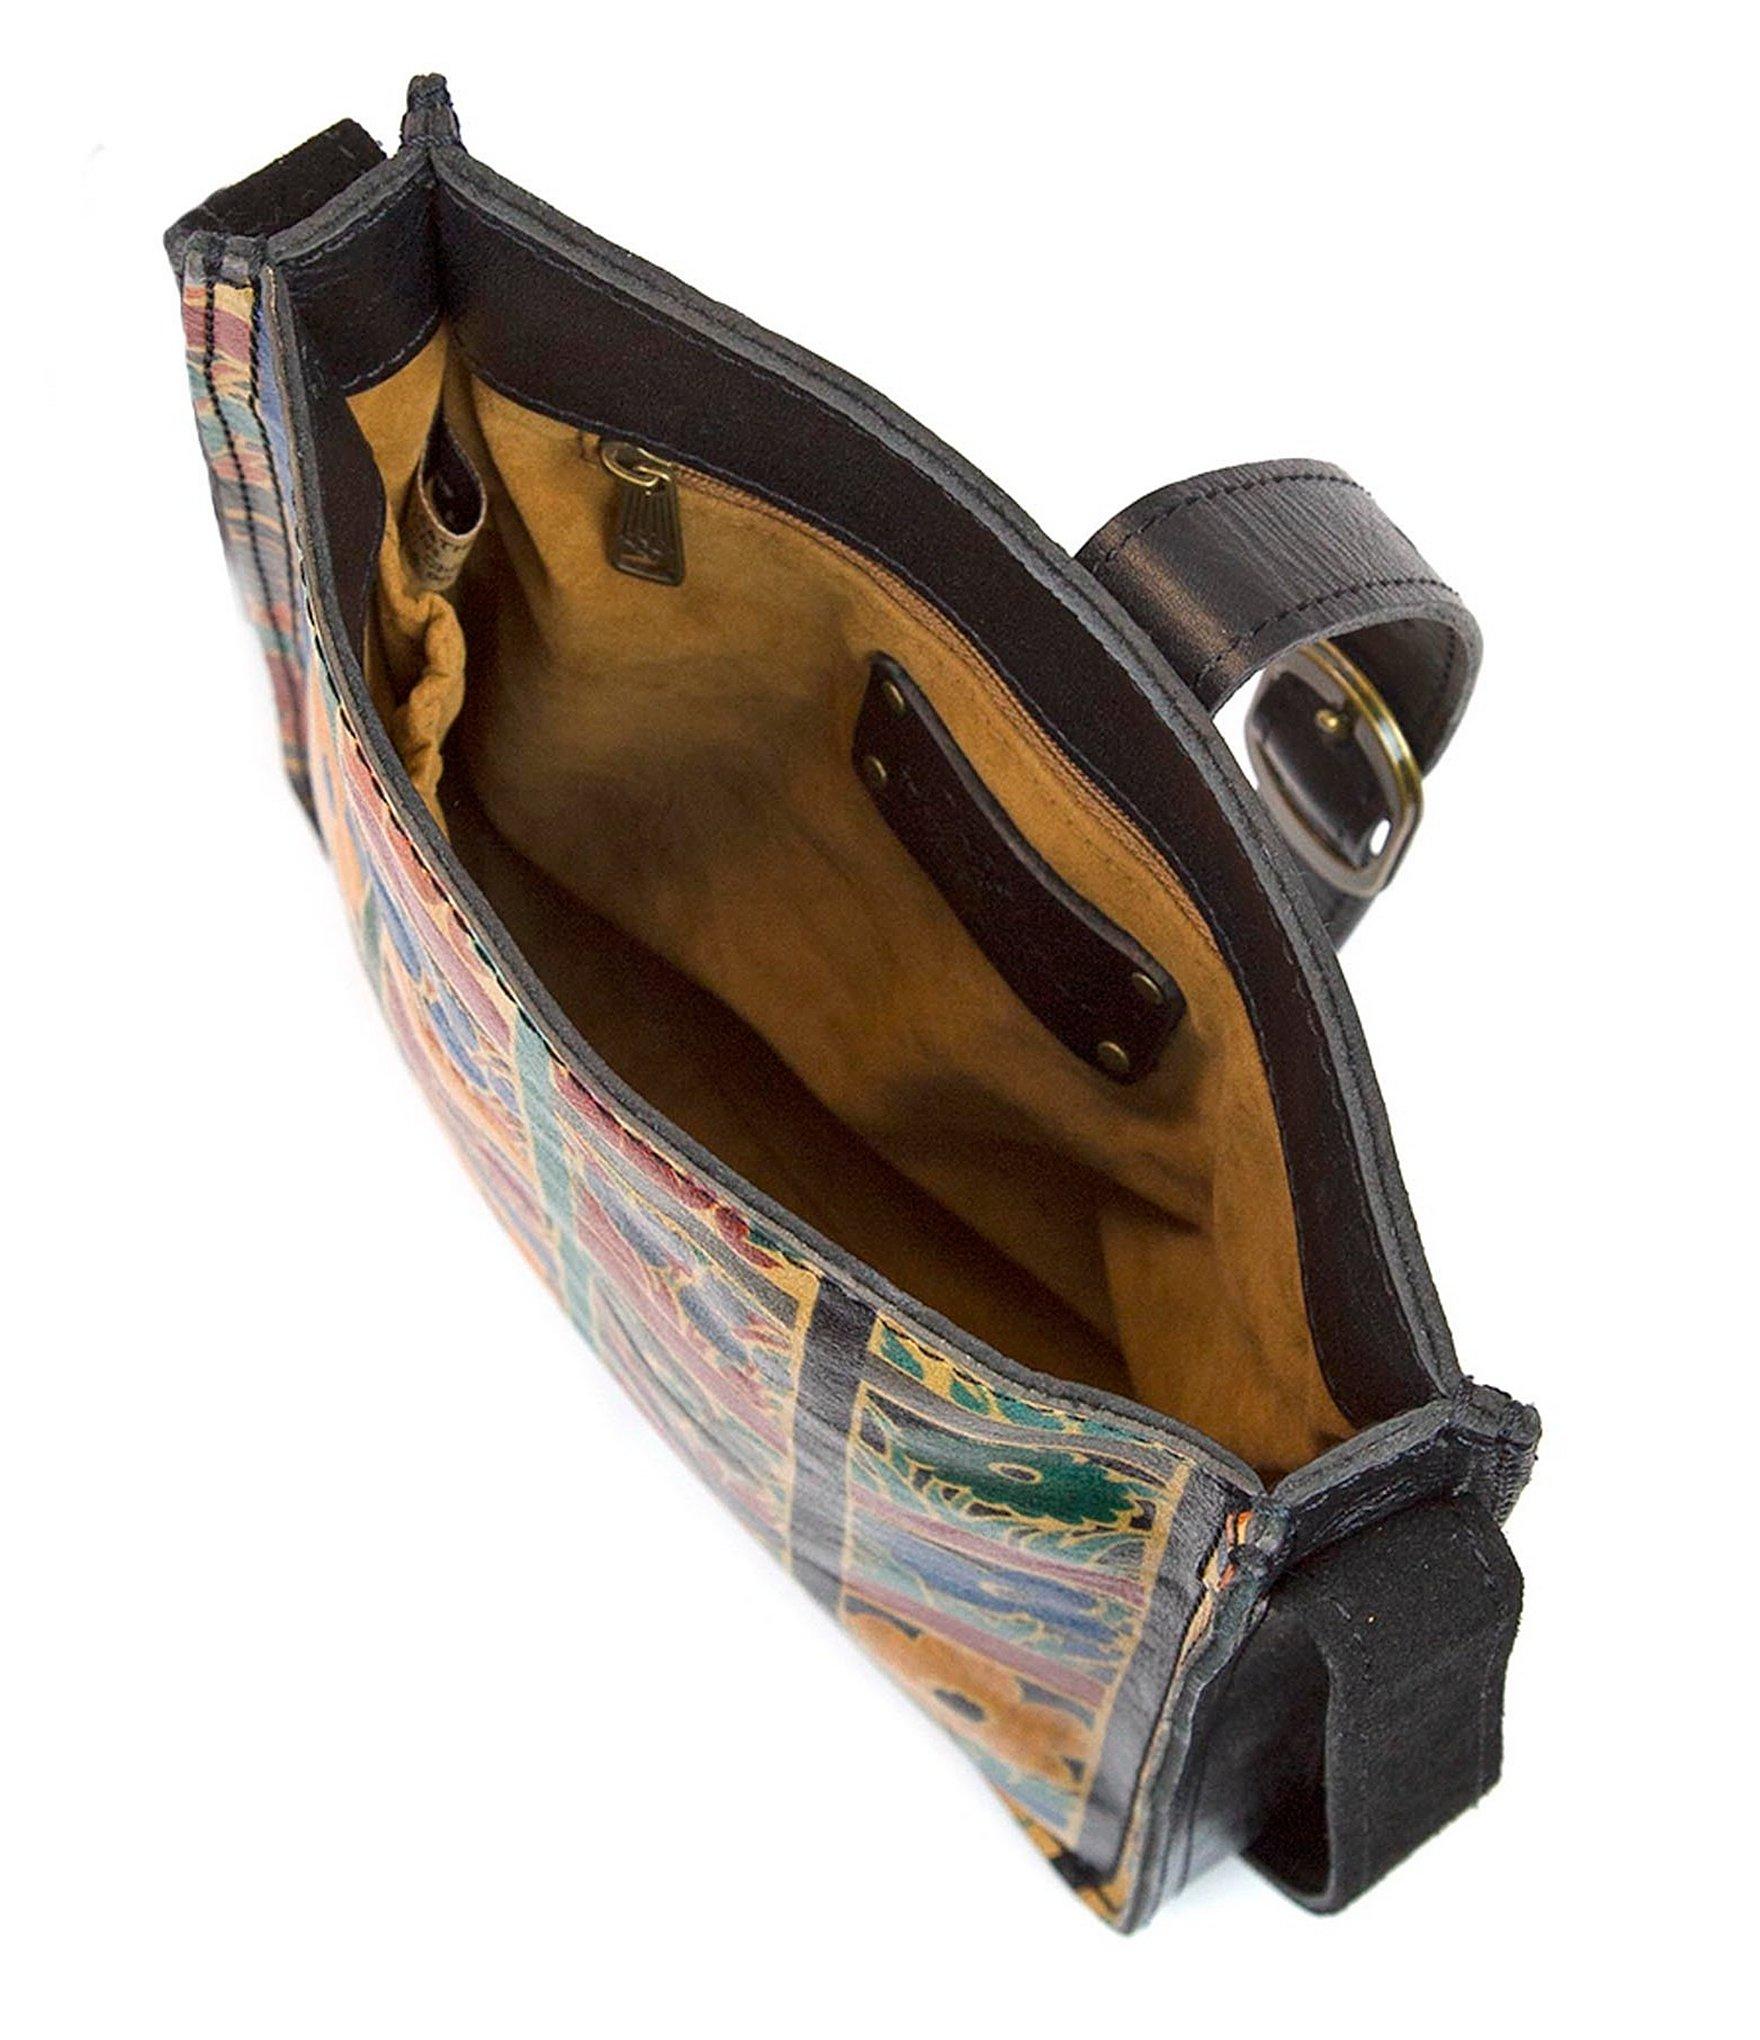 World Traveler Cross Body Bags